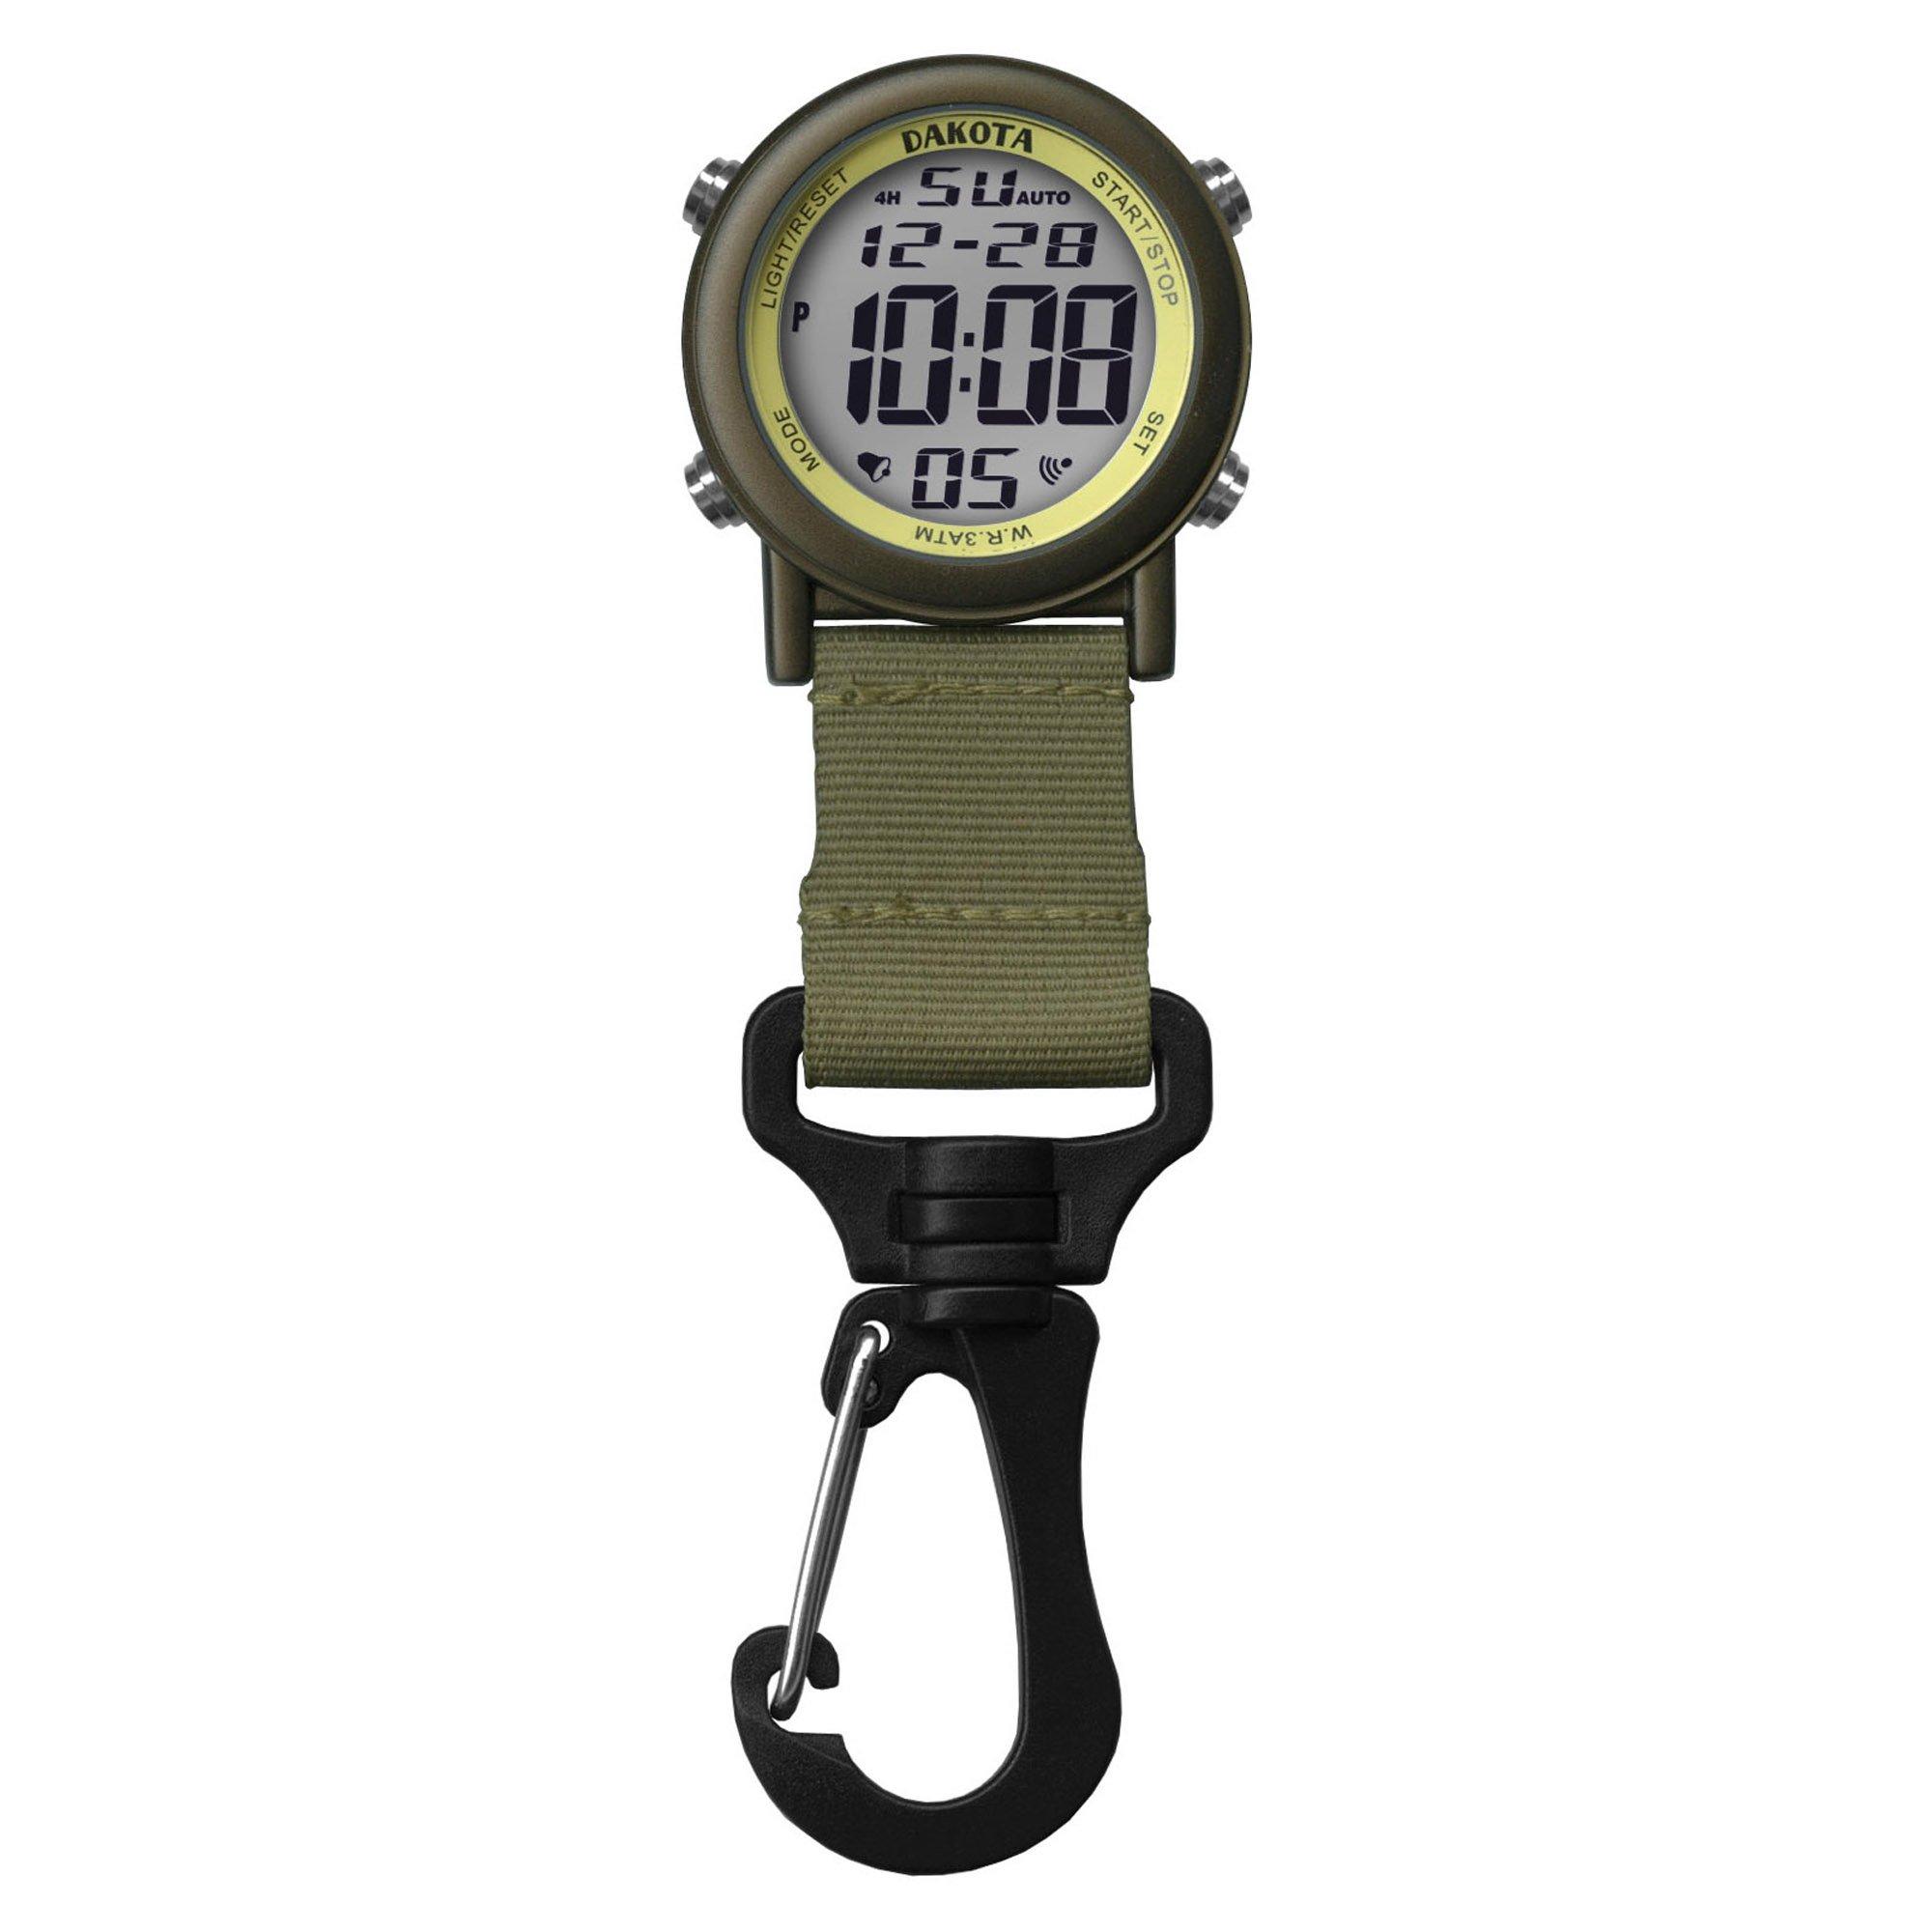 Dakota Digital Lightweight Backpacker Clip Watch (Green and Bronze)